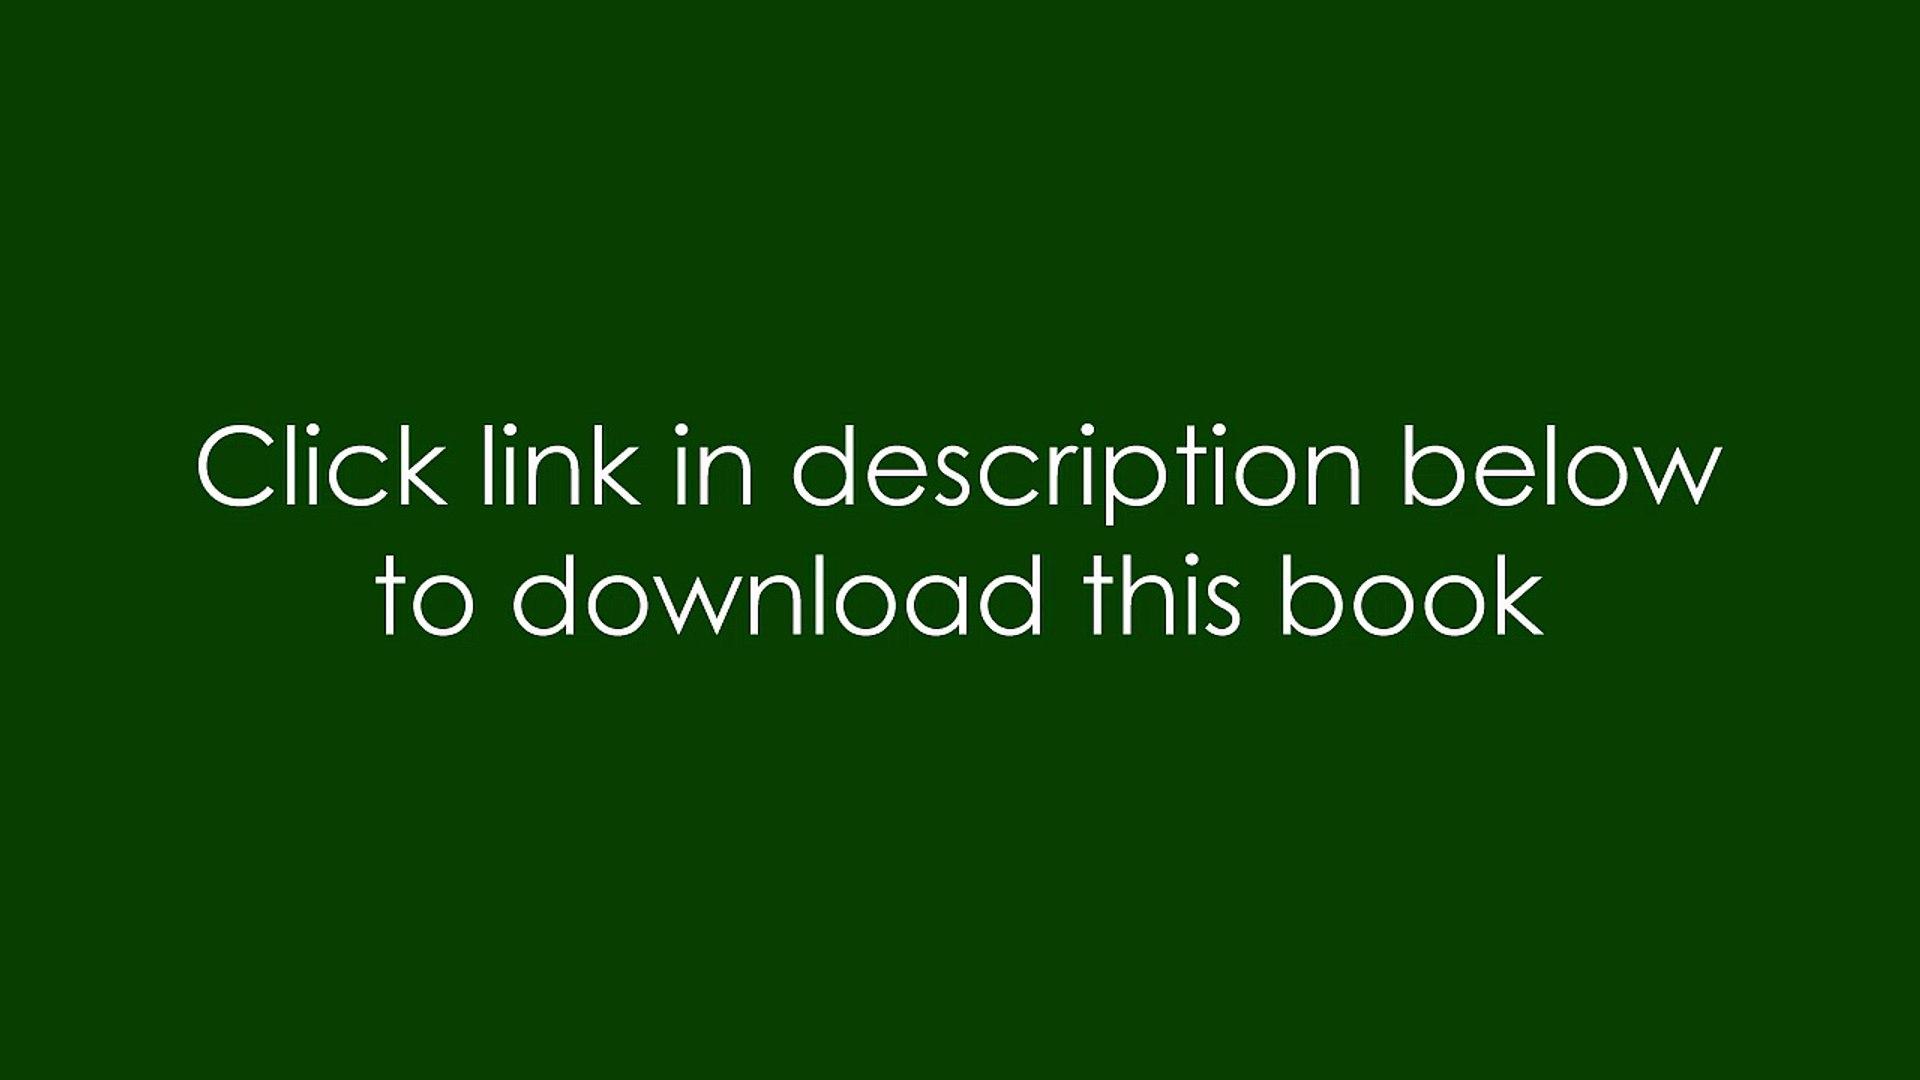 Sobrevivira Estados Unidos: Revelaciones sorprendentes  Book Download Free